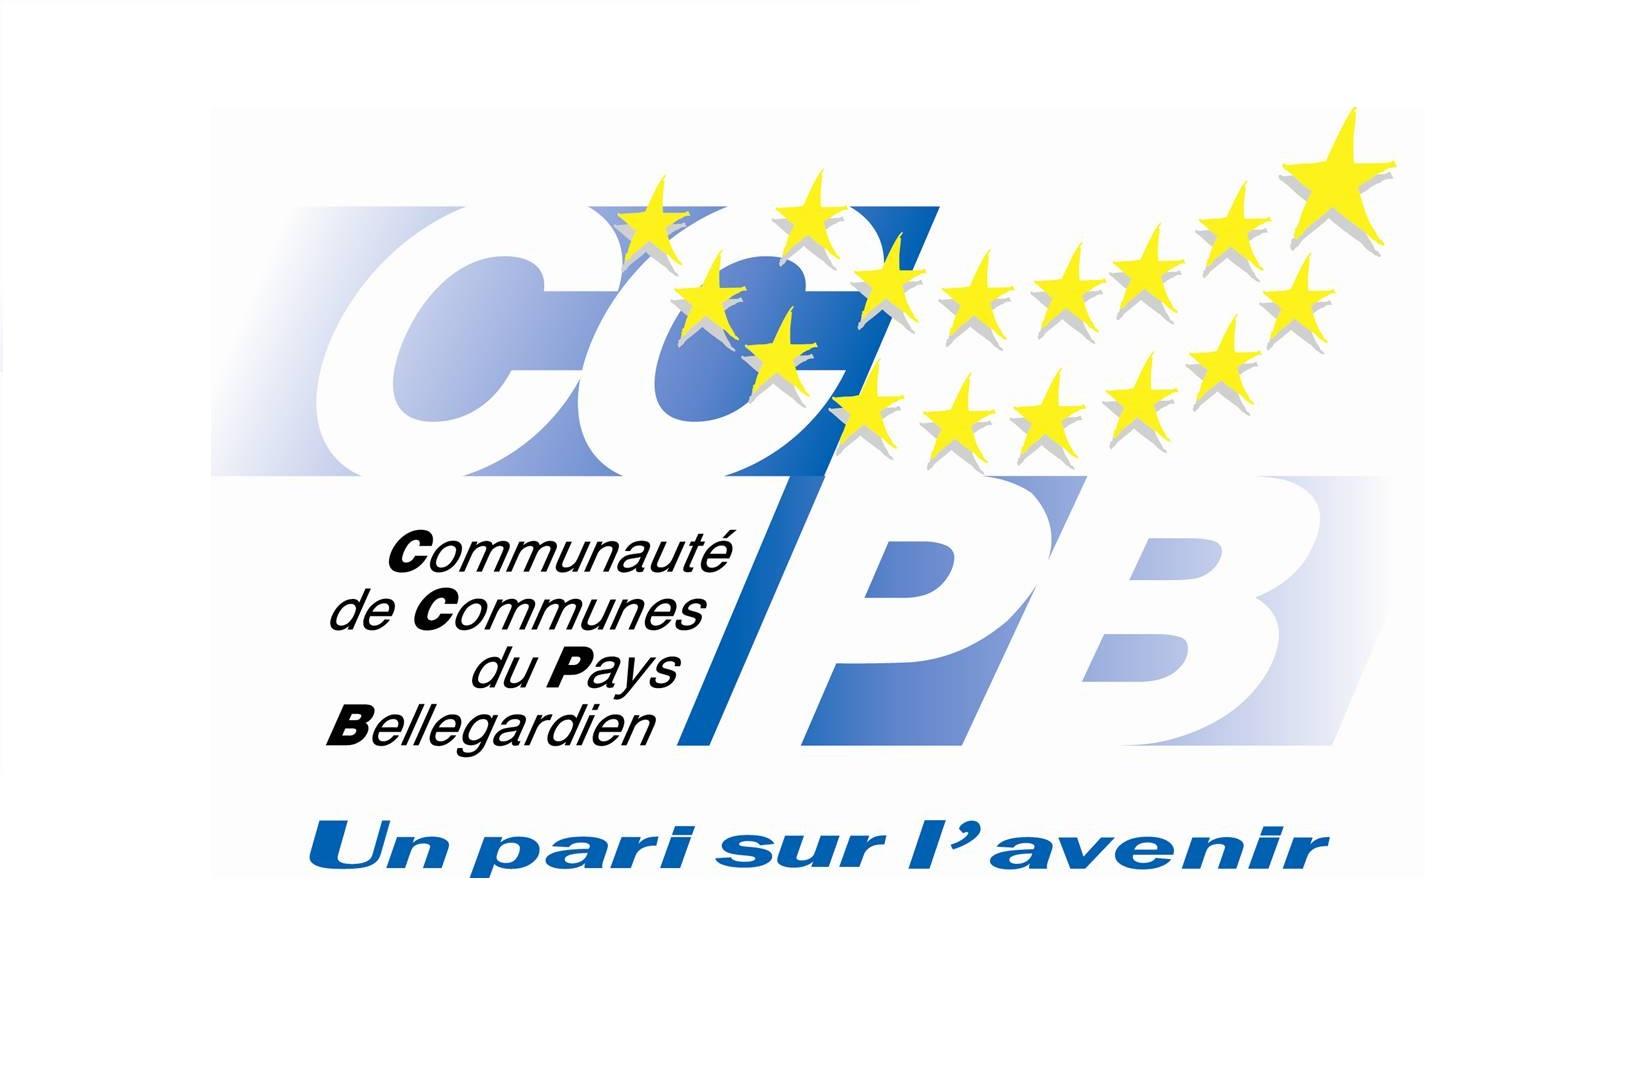 CC Pays Bellegardien - Innovales